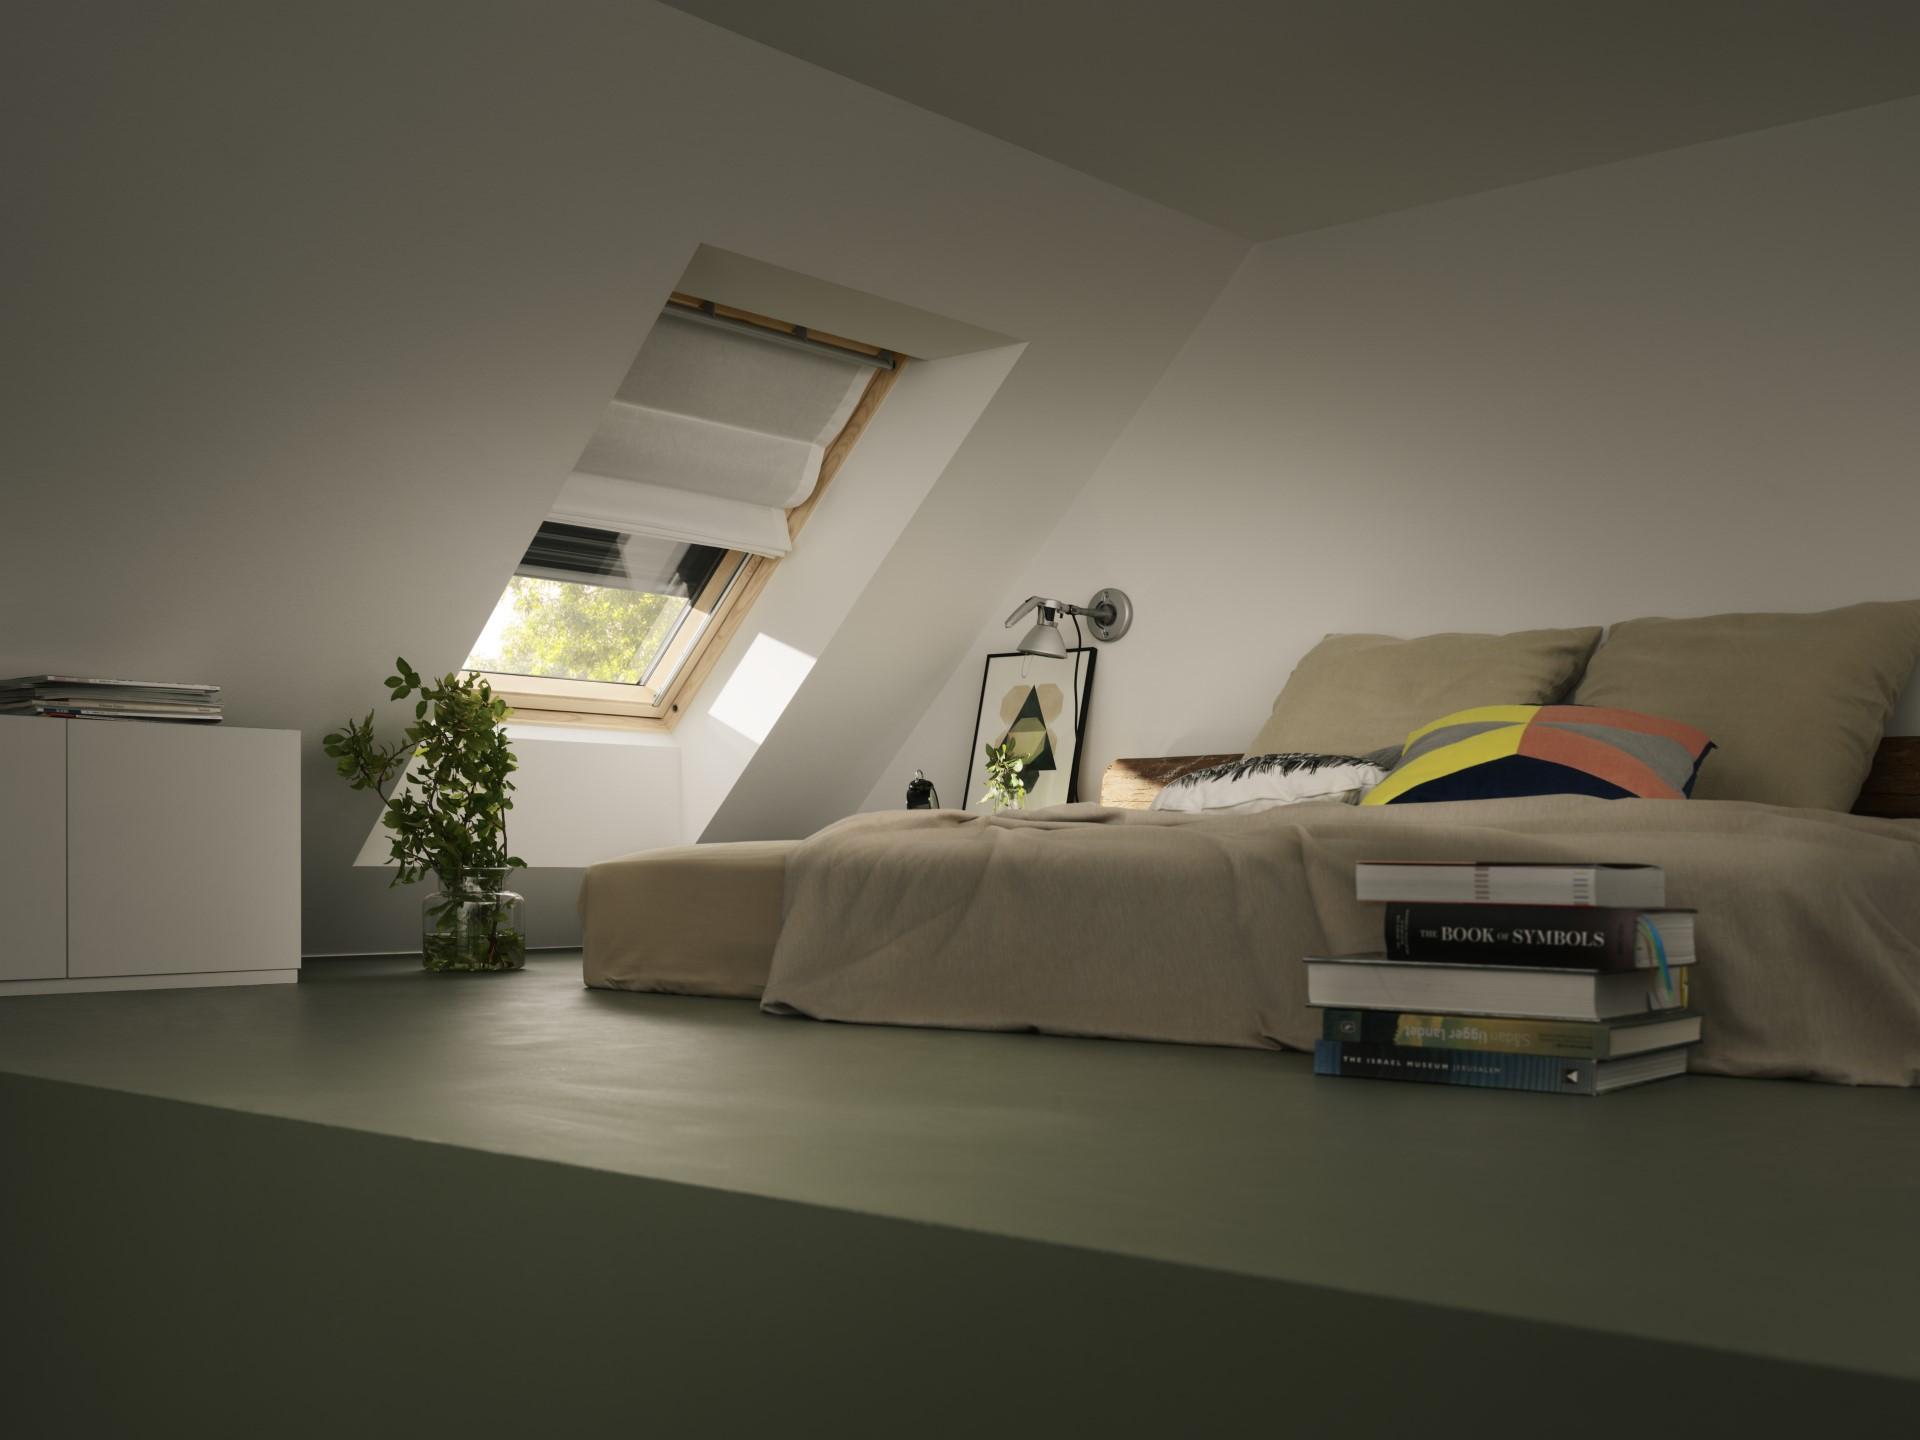 Camera da letto con tapparella for Crea la tua camera da letto